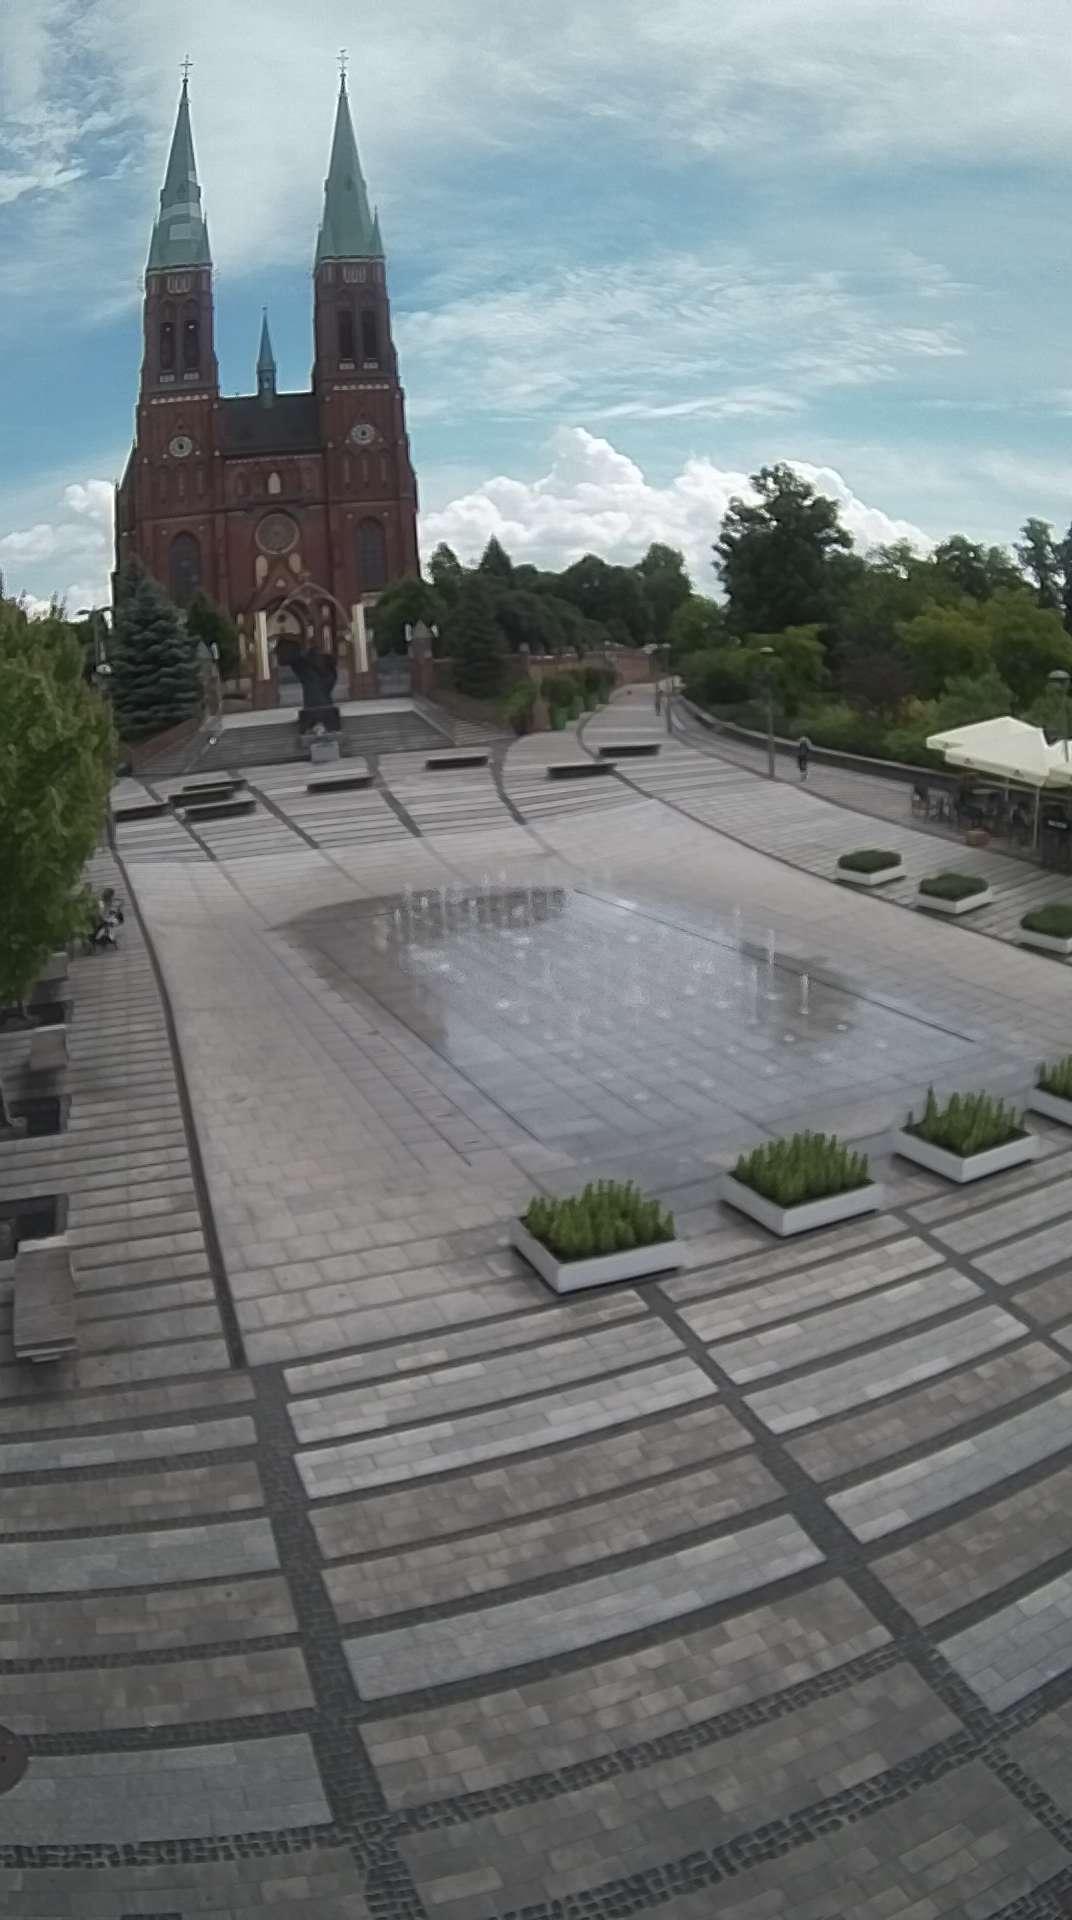 obraz z kamery - Plac Jana Pawła II